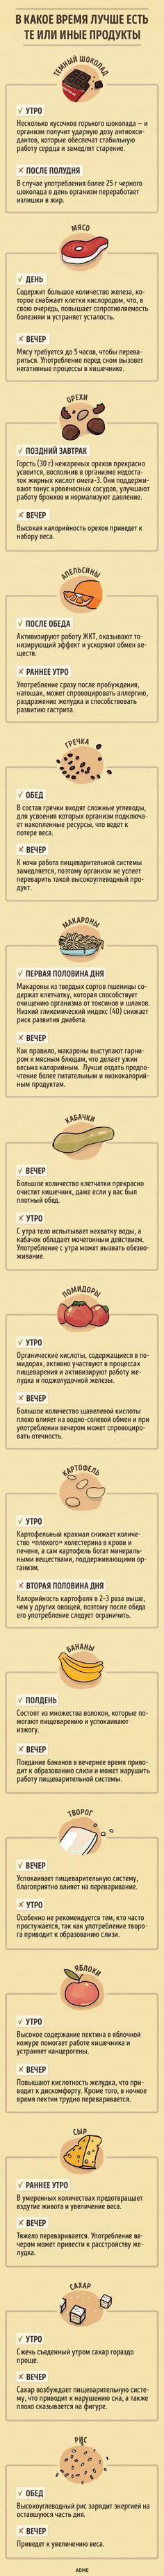 Диетические рецепты: Какие продукты нужно есть в разное время суток